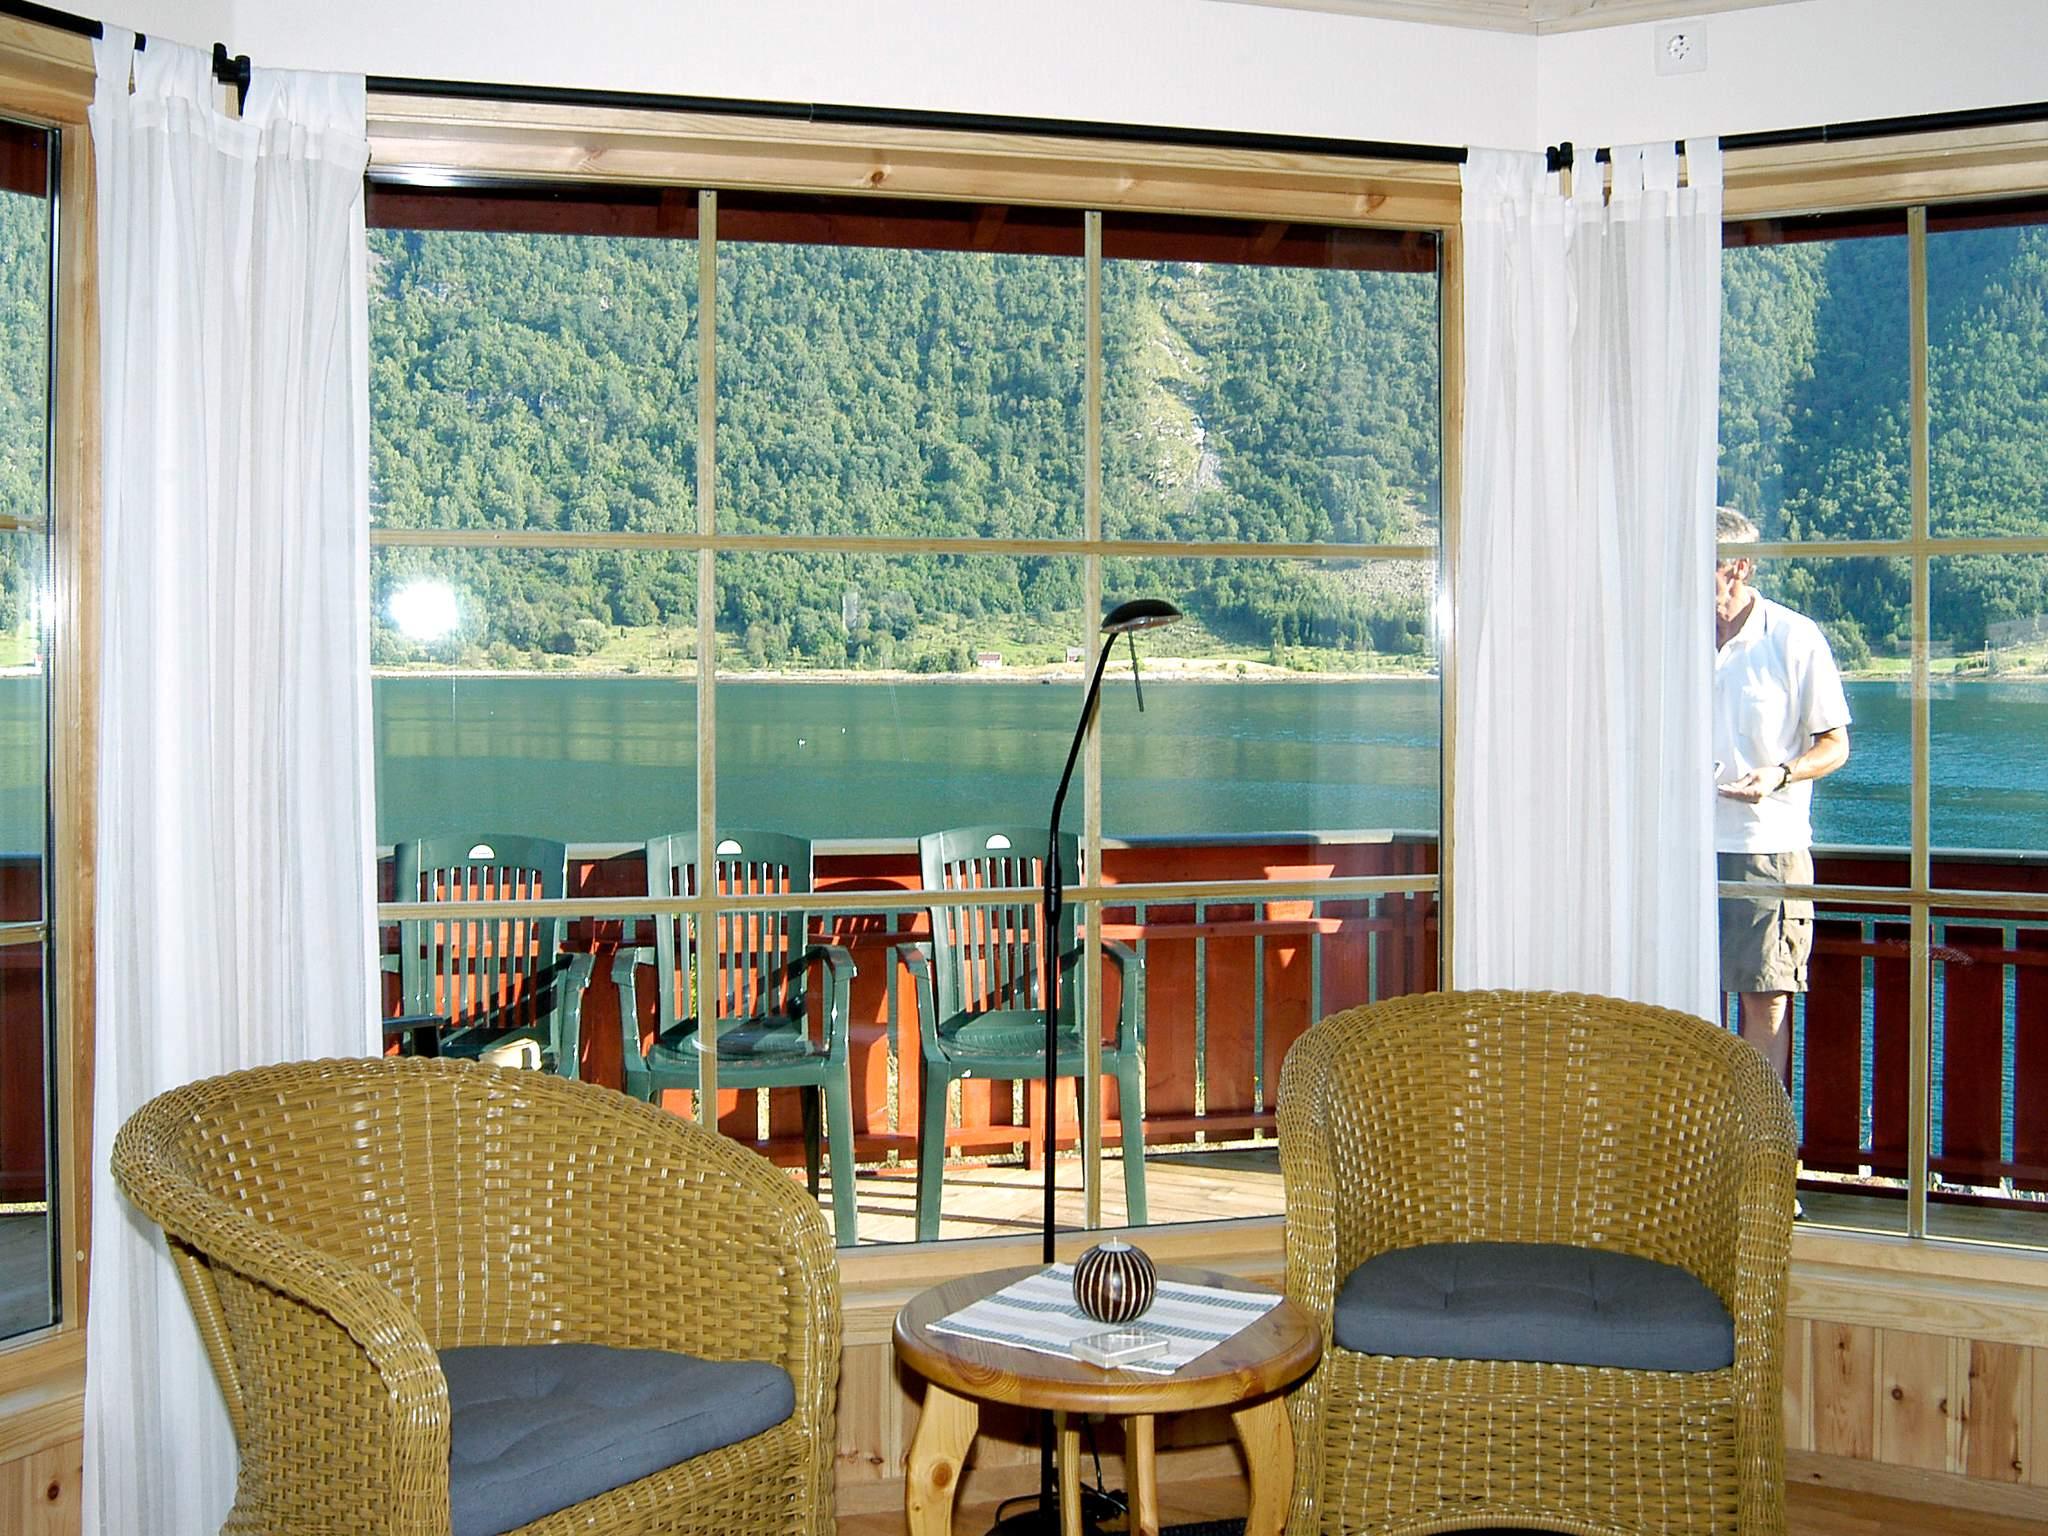 Ferienhaus Slinde (85829), Slinde, Sognefjord - Nordfjord, Westnorwegen, Norwegen, Bild 27